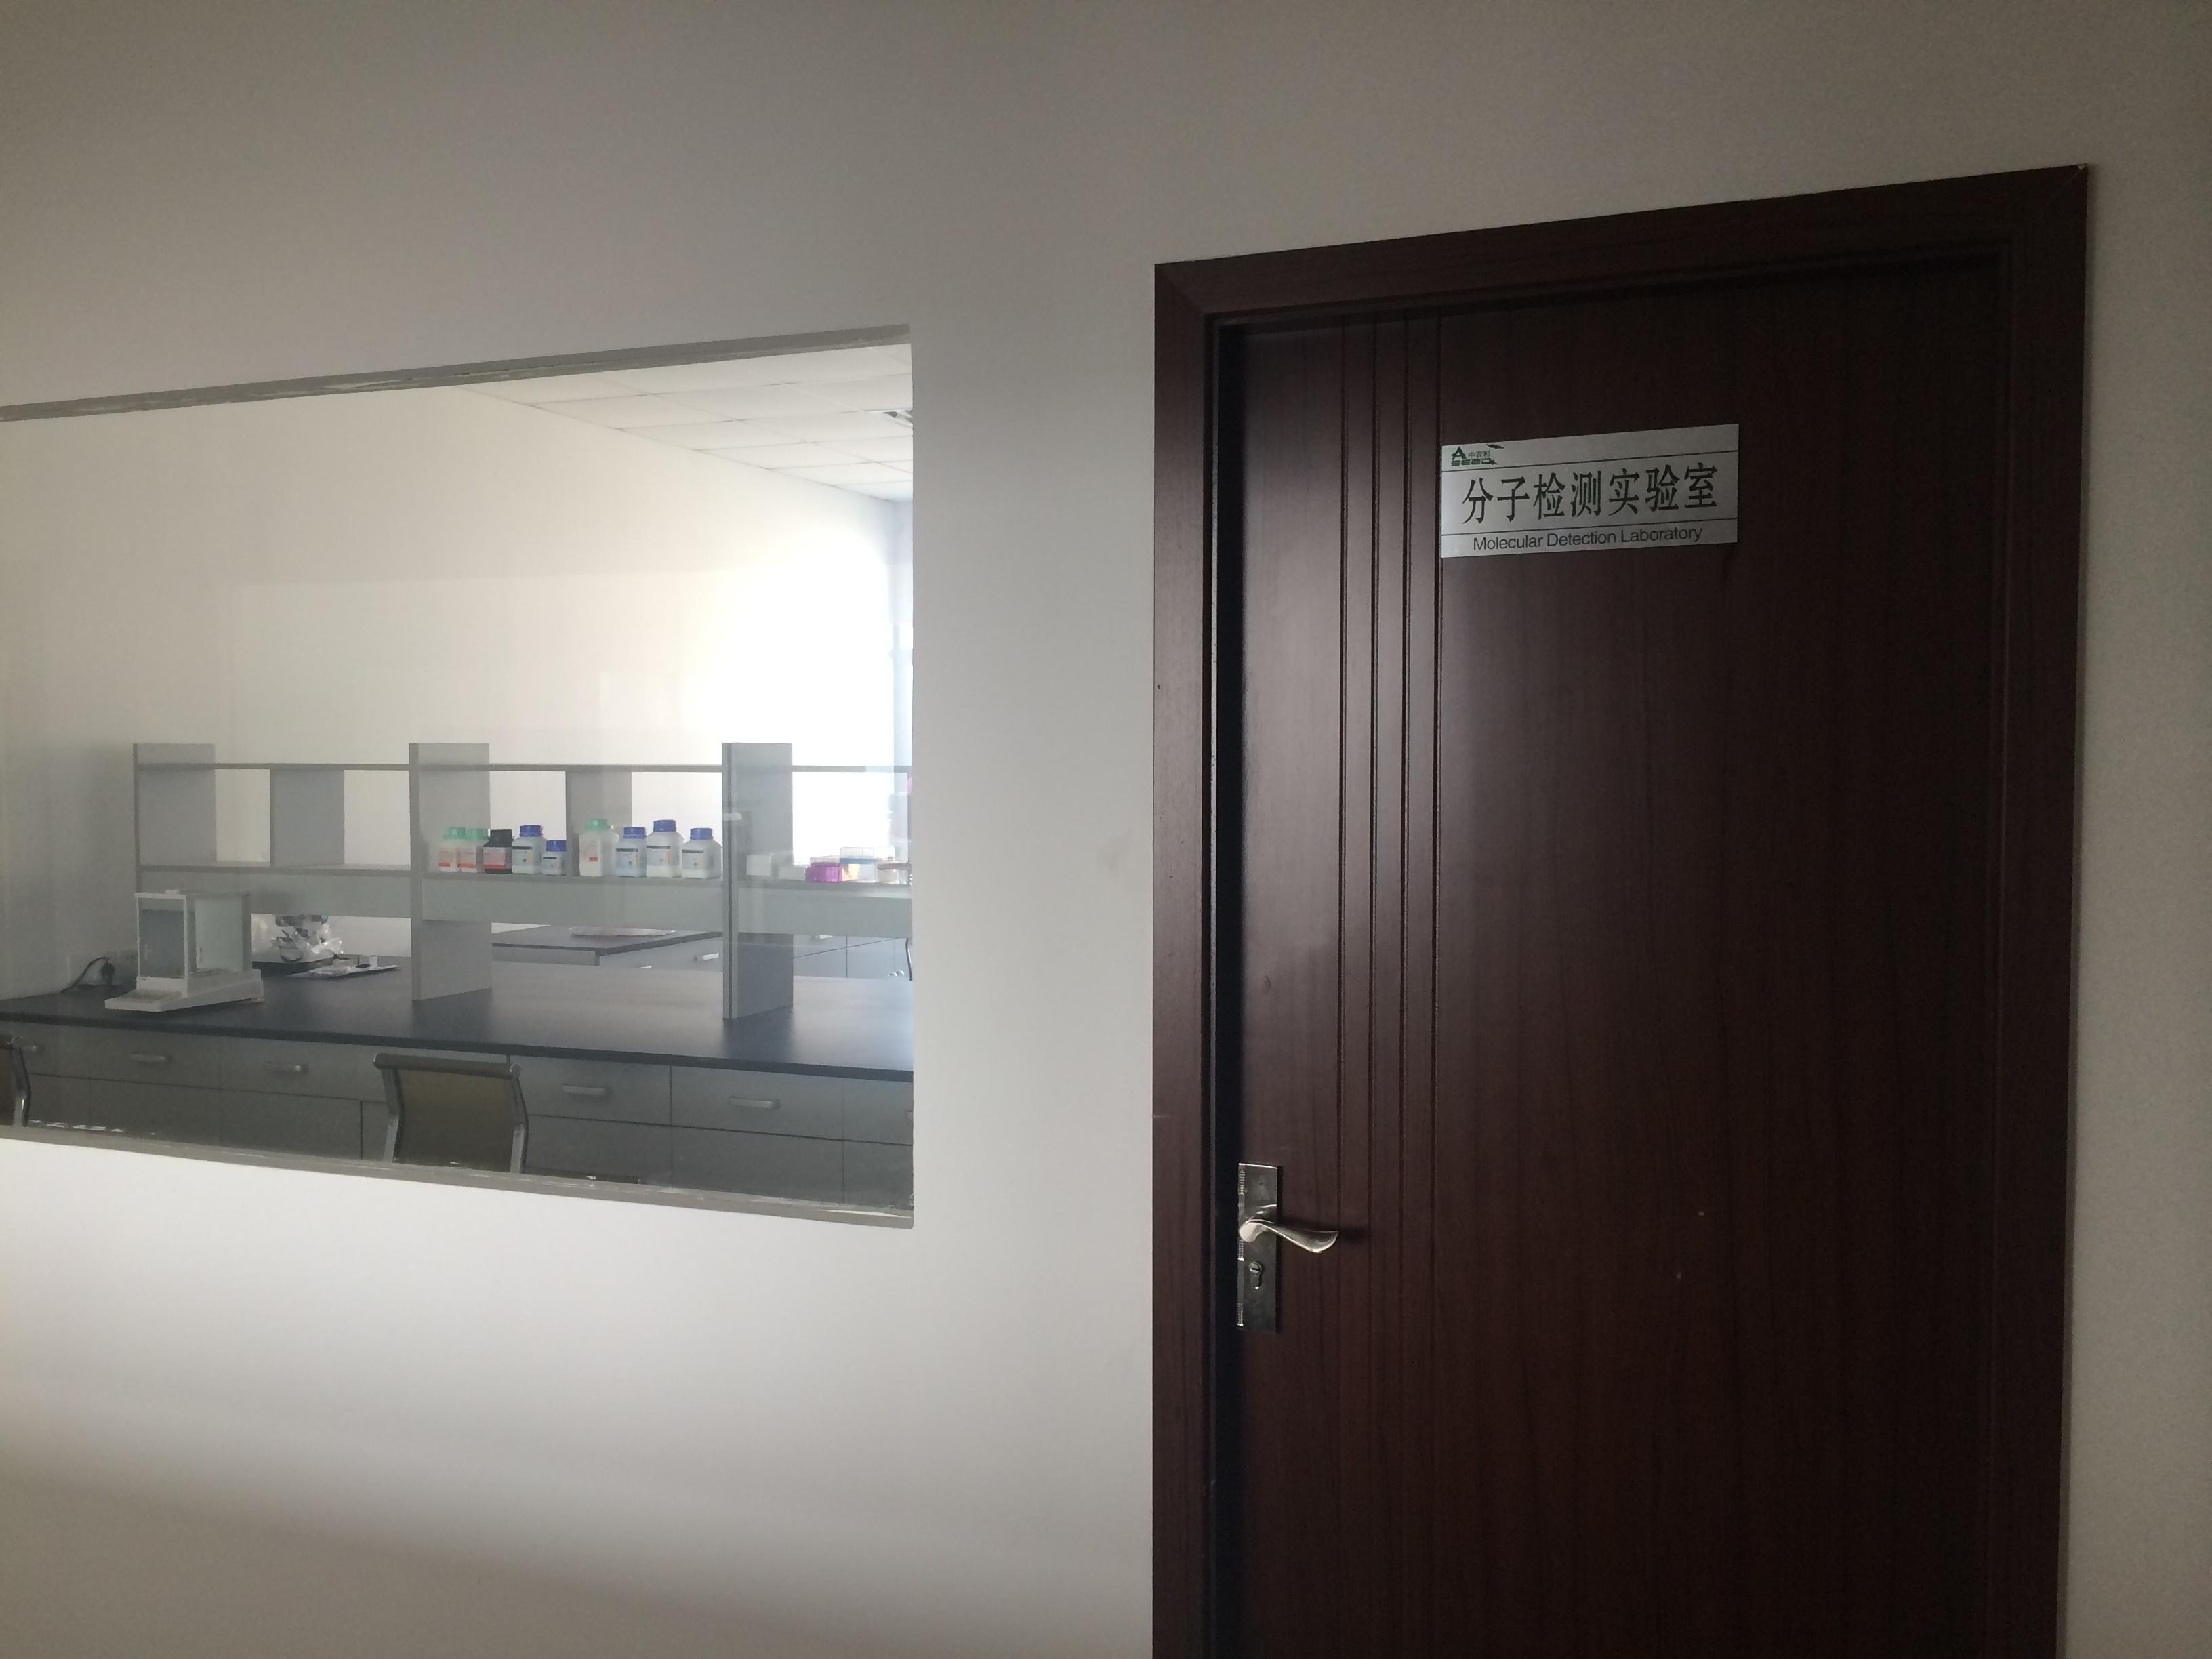 易生石木(北京)生物科技有限公司拥有两个自主研发生产中心,并在河北、甘肃等地有多个合作的组培生产中心,可以承接组培技术咨询培训、组培技术研发与转让、组培苗订单生产等业务。 北京组培研发中心位于北京经济技术开发区中关村科技园亦庄园,下设有组培技术培训室、准备室、洗瓶室、接种室、培养室等,各功能室设备齐全,管理制度完善。研发中心团队科研实力雄厚,人员配置合理,主要从事组培技术咨询培训、组培技术研发与转让、组培苗订单销售等业务。 公司实景图:  走廊:  准备室:  接种室:  培养室:     无锡组培研发中